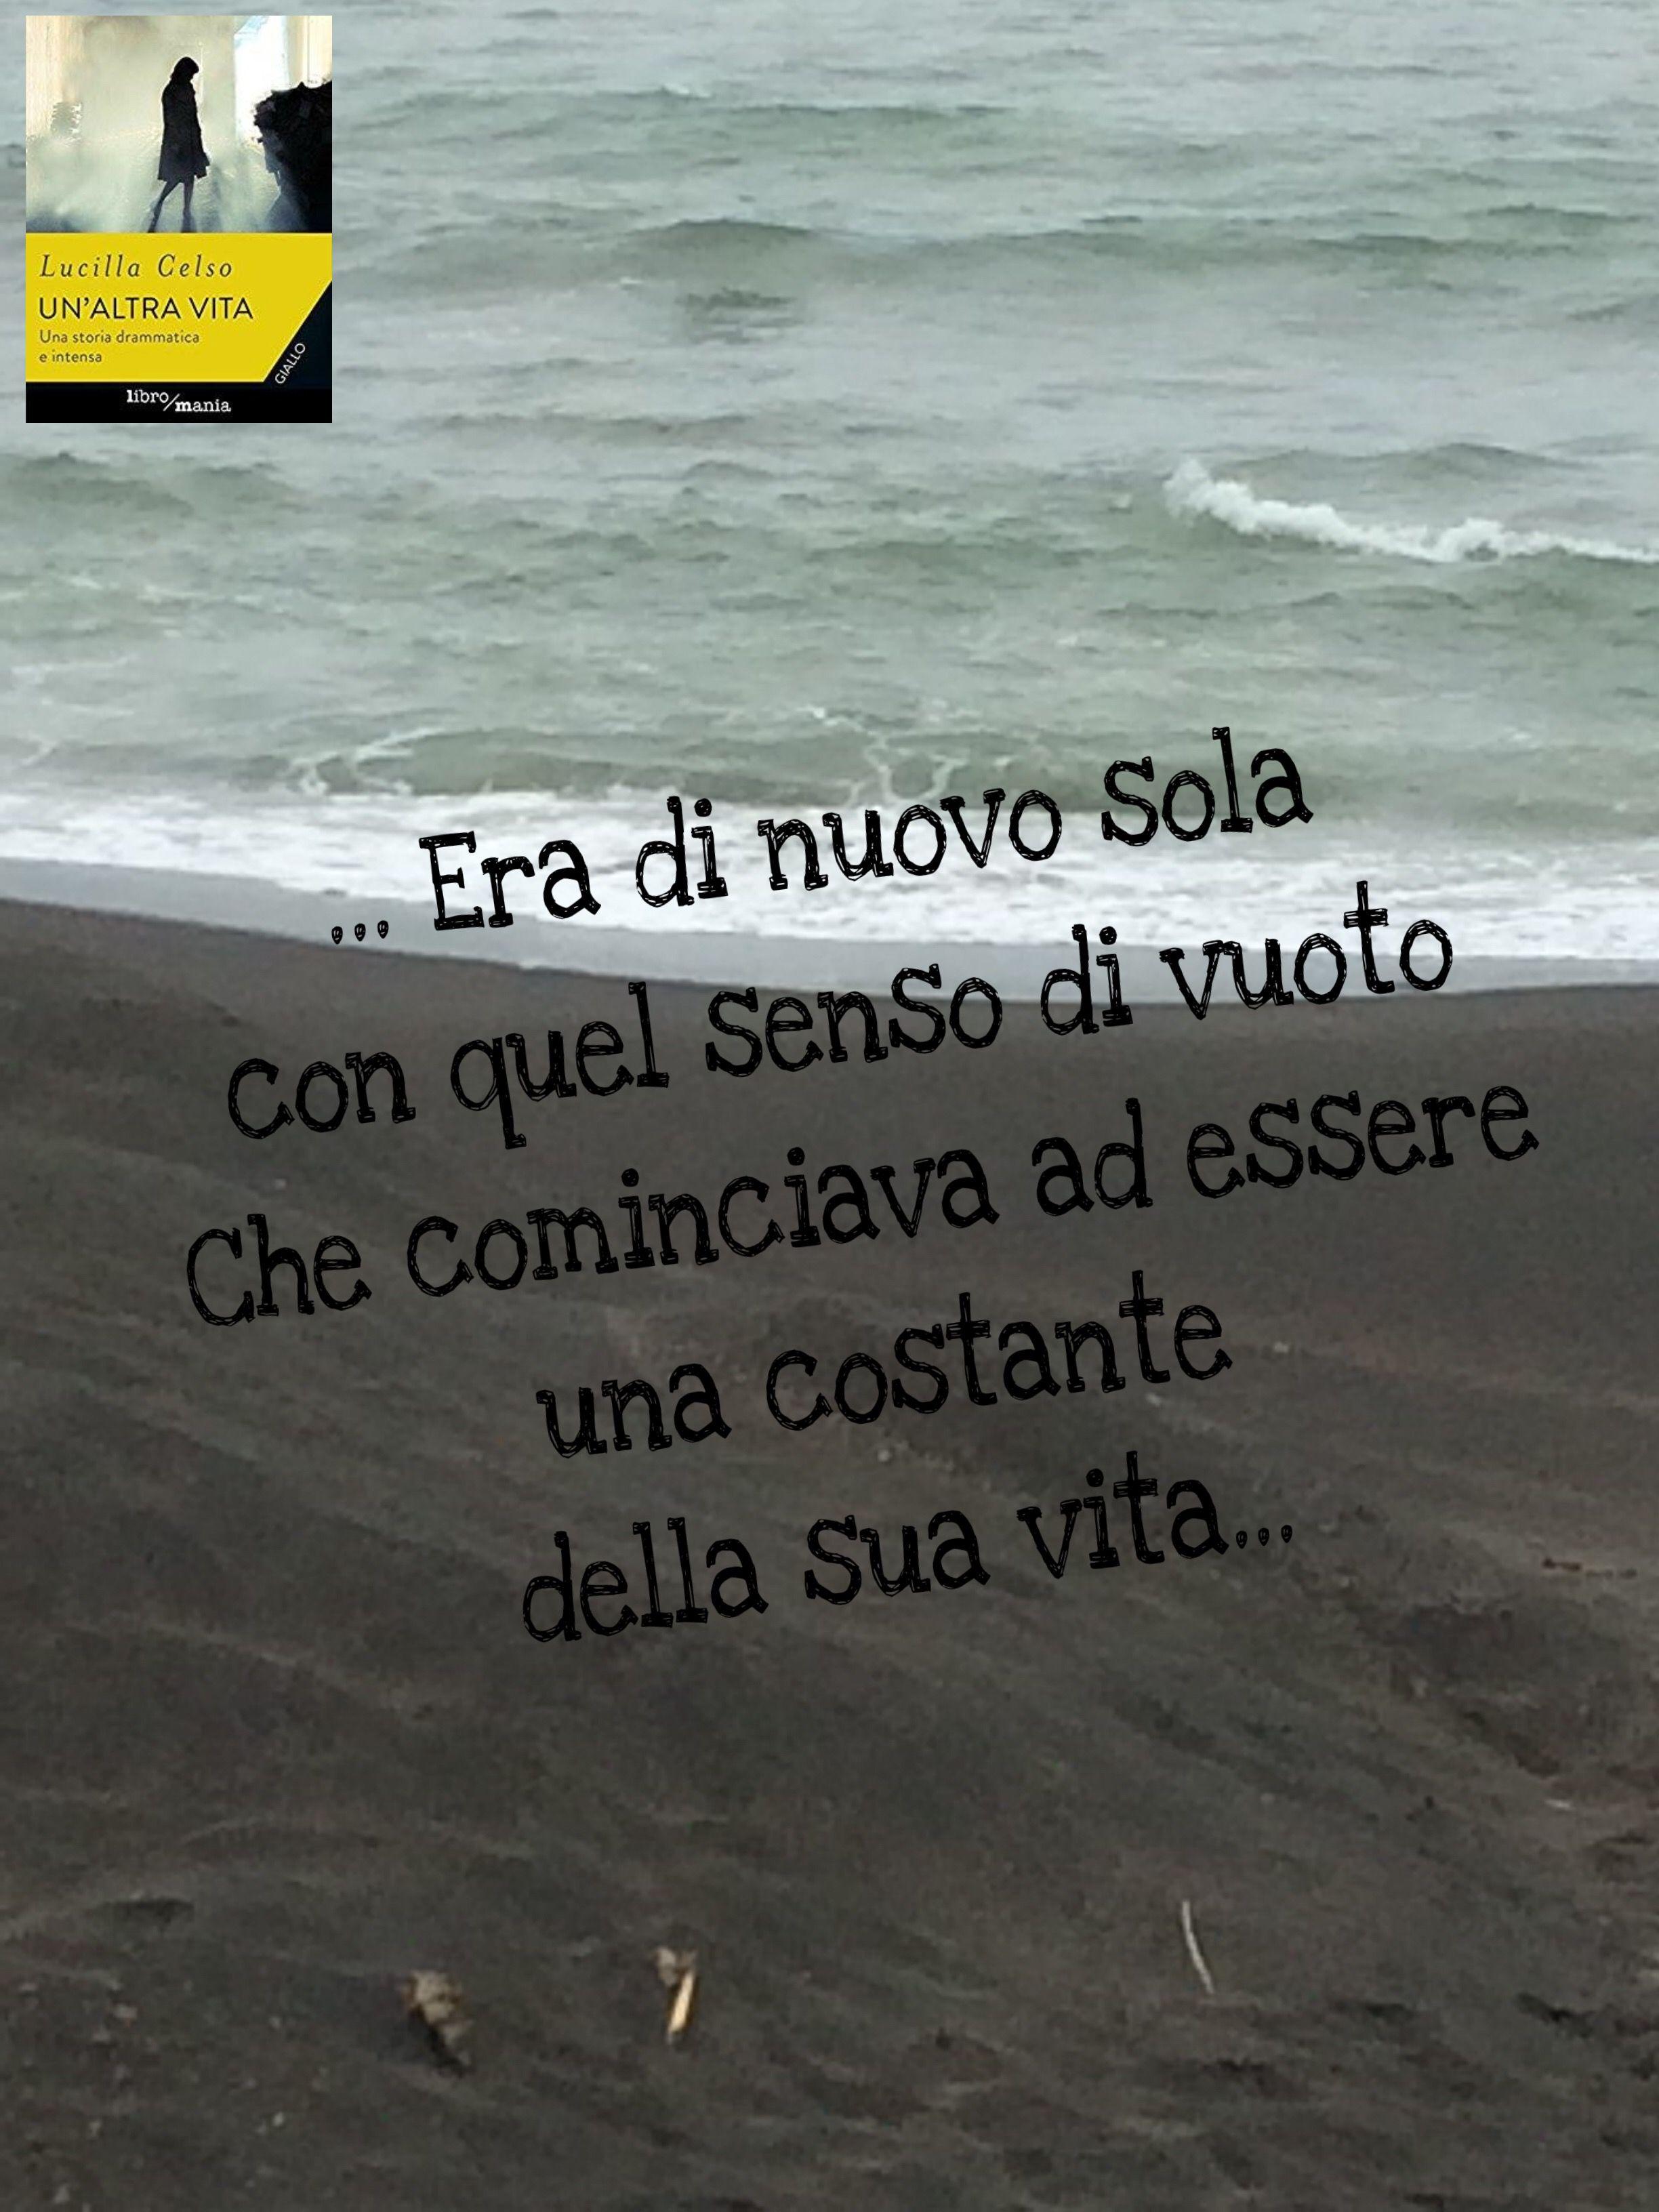 #libri #estratto #passione #lettura #sentimenti #vita